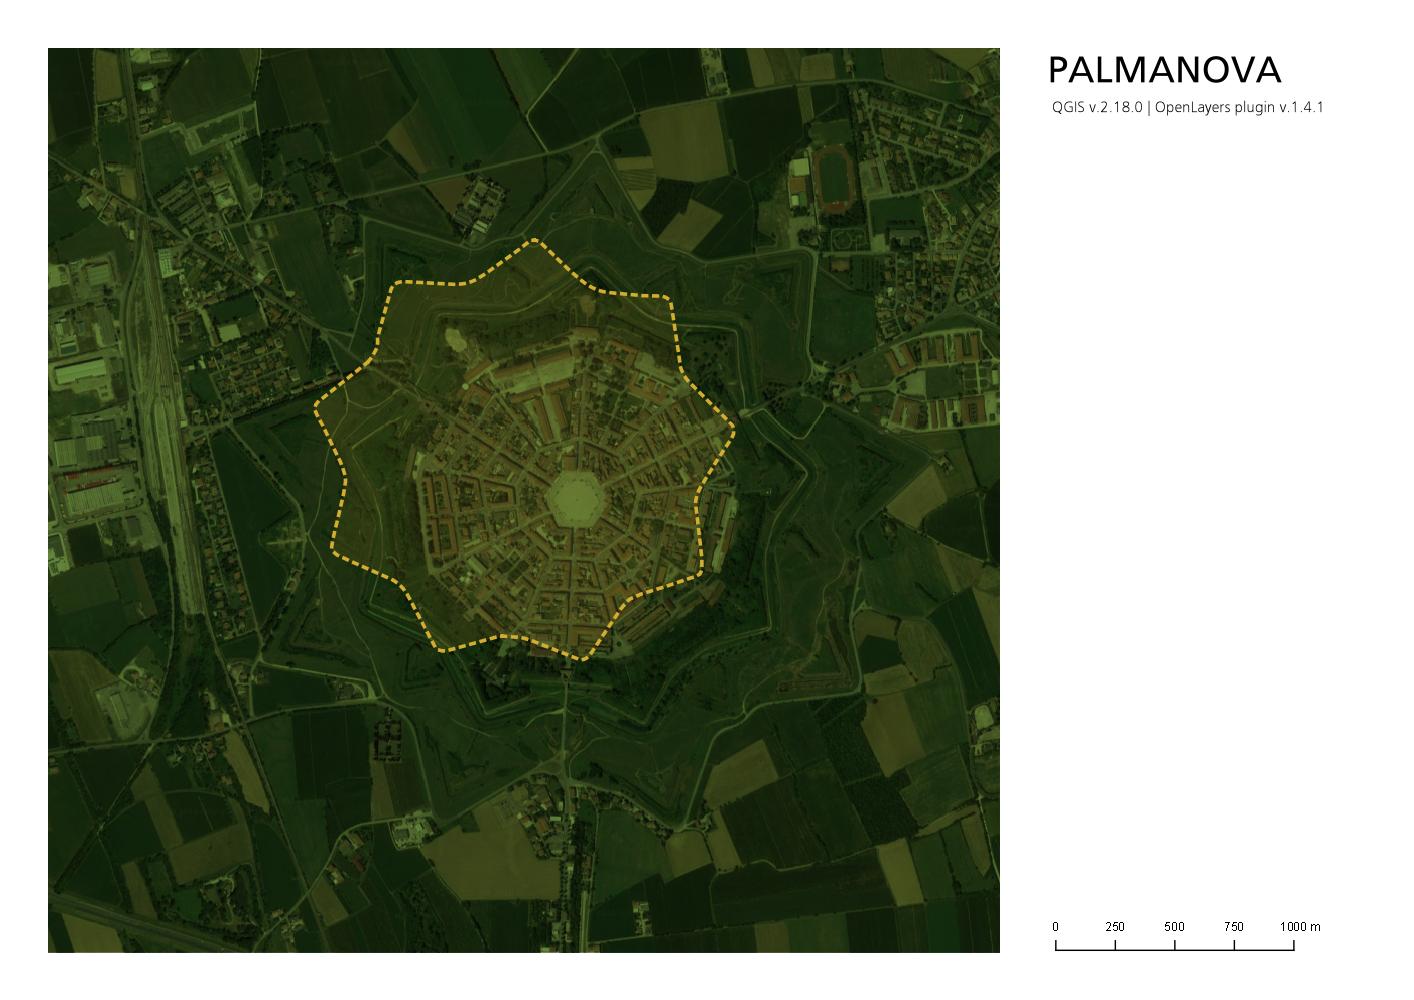 Planimetria di Palmanova in QGis con il problema dello sfalsamento